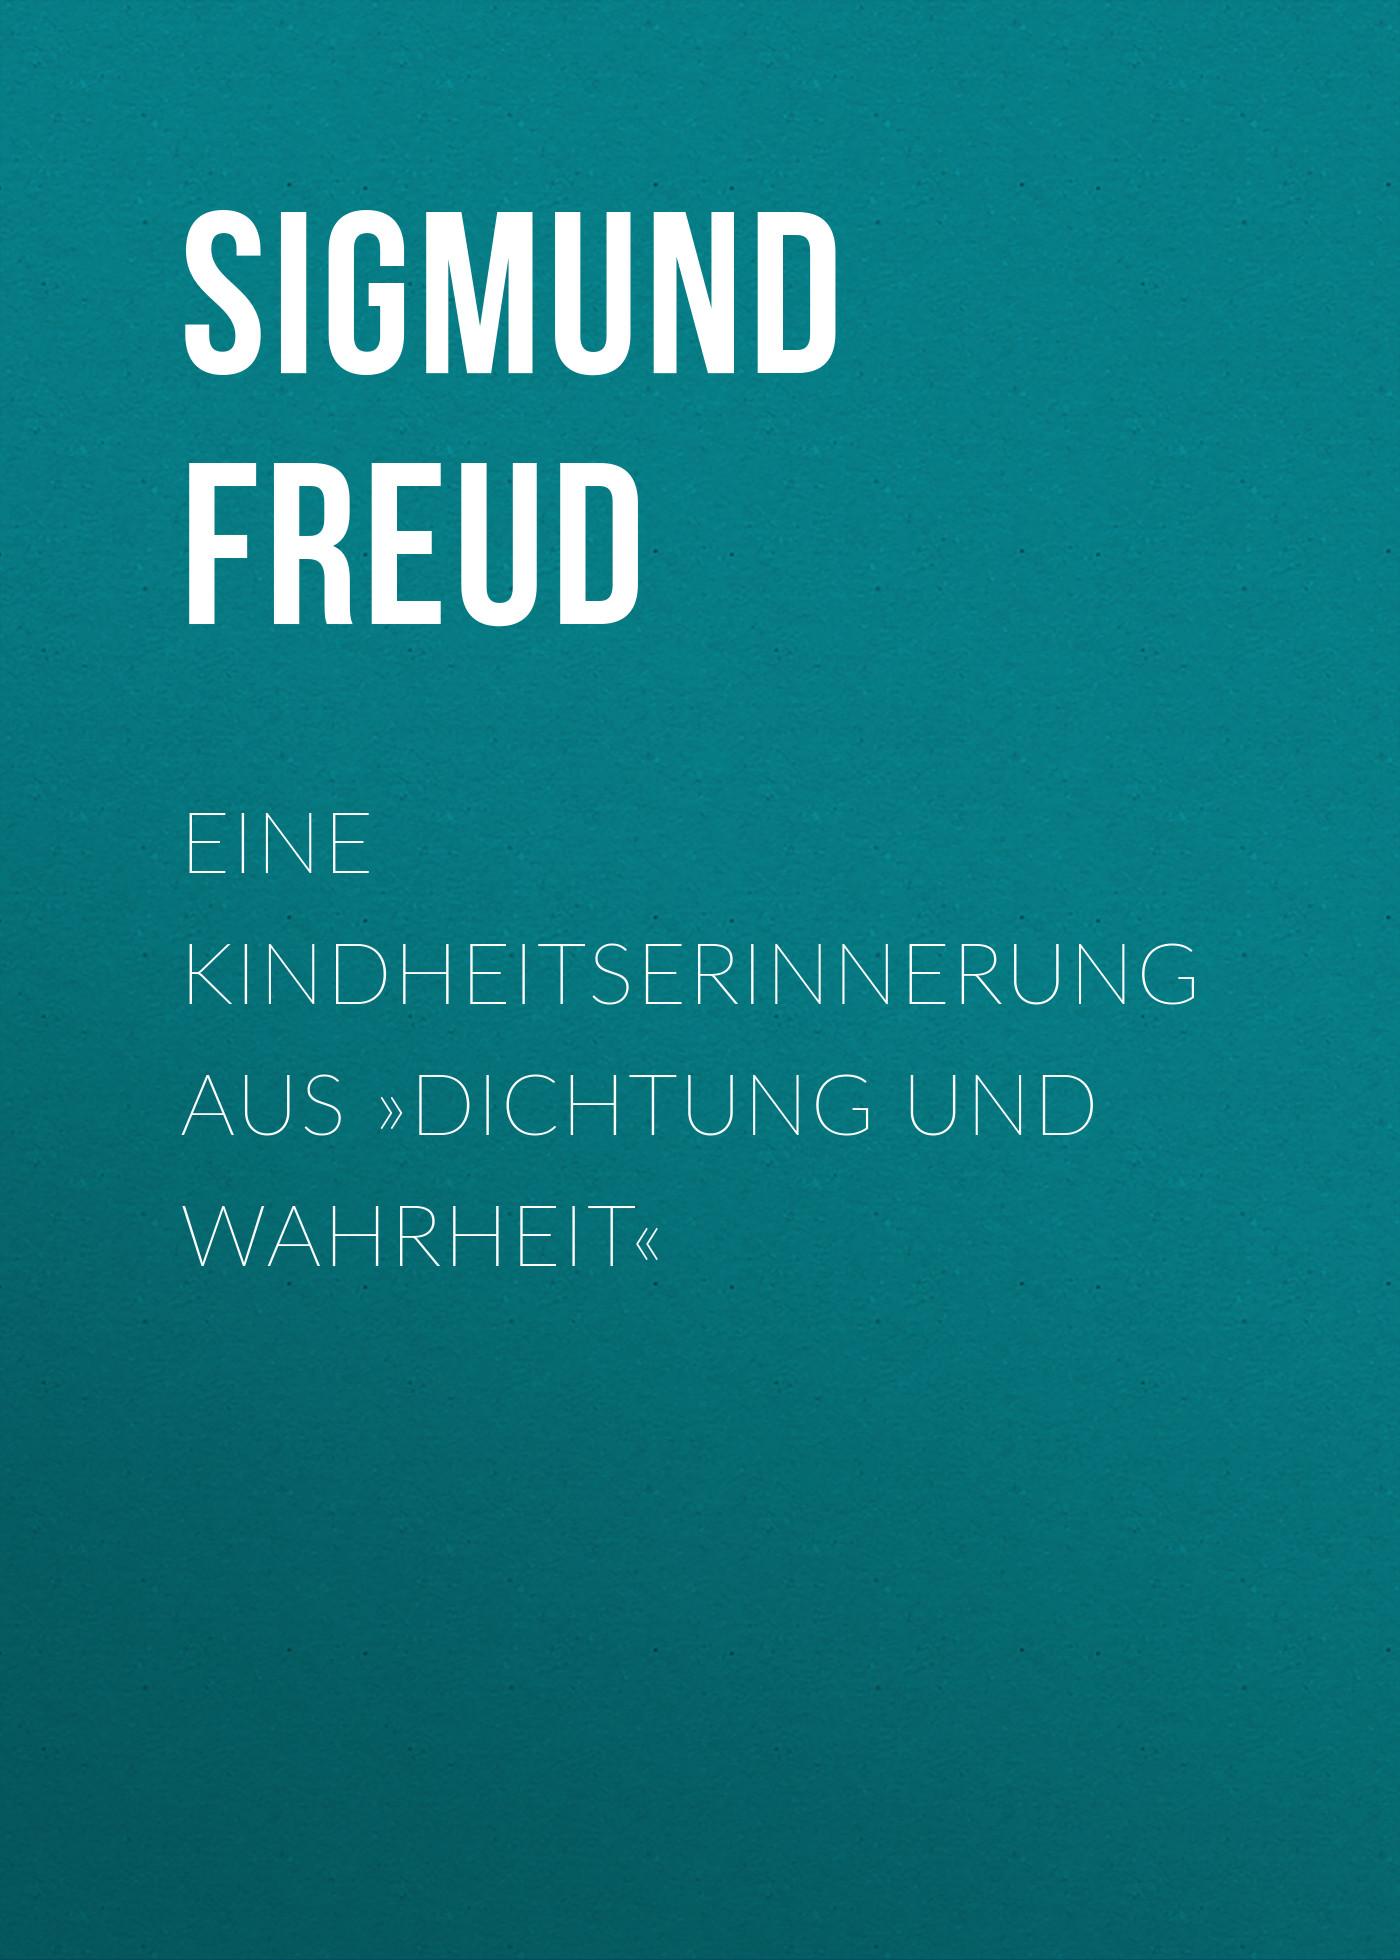 Зигмунд Фрейд Eine Kindheitserinnerung aus »Dichtung und Wahrheit« stefan zweig jeremias eine dramatische dichtung in neun bildern